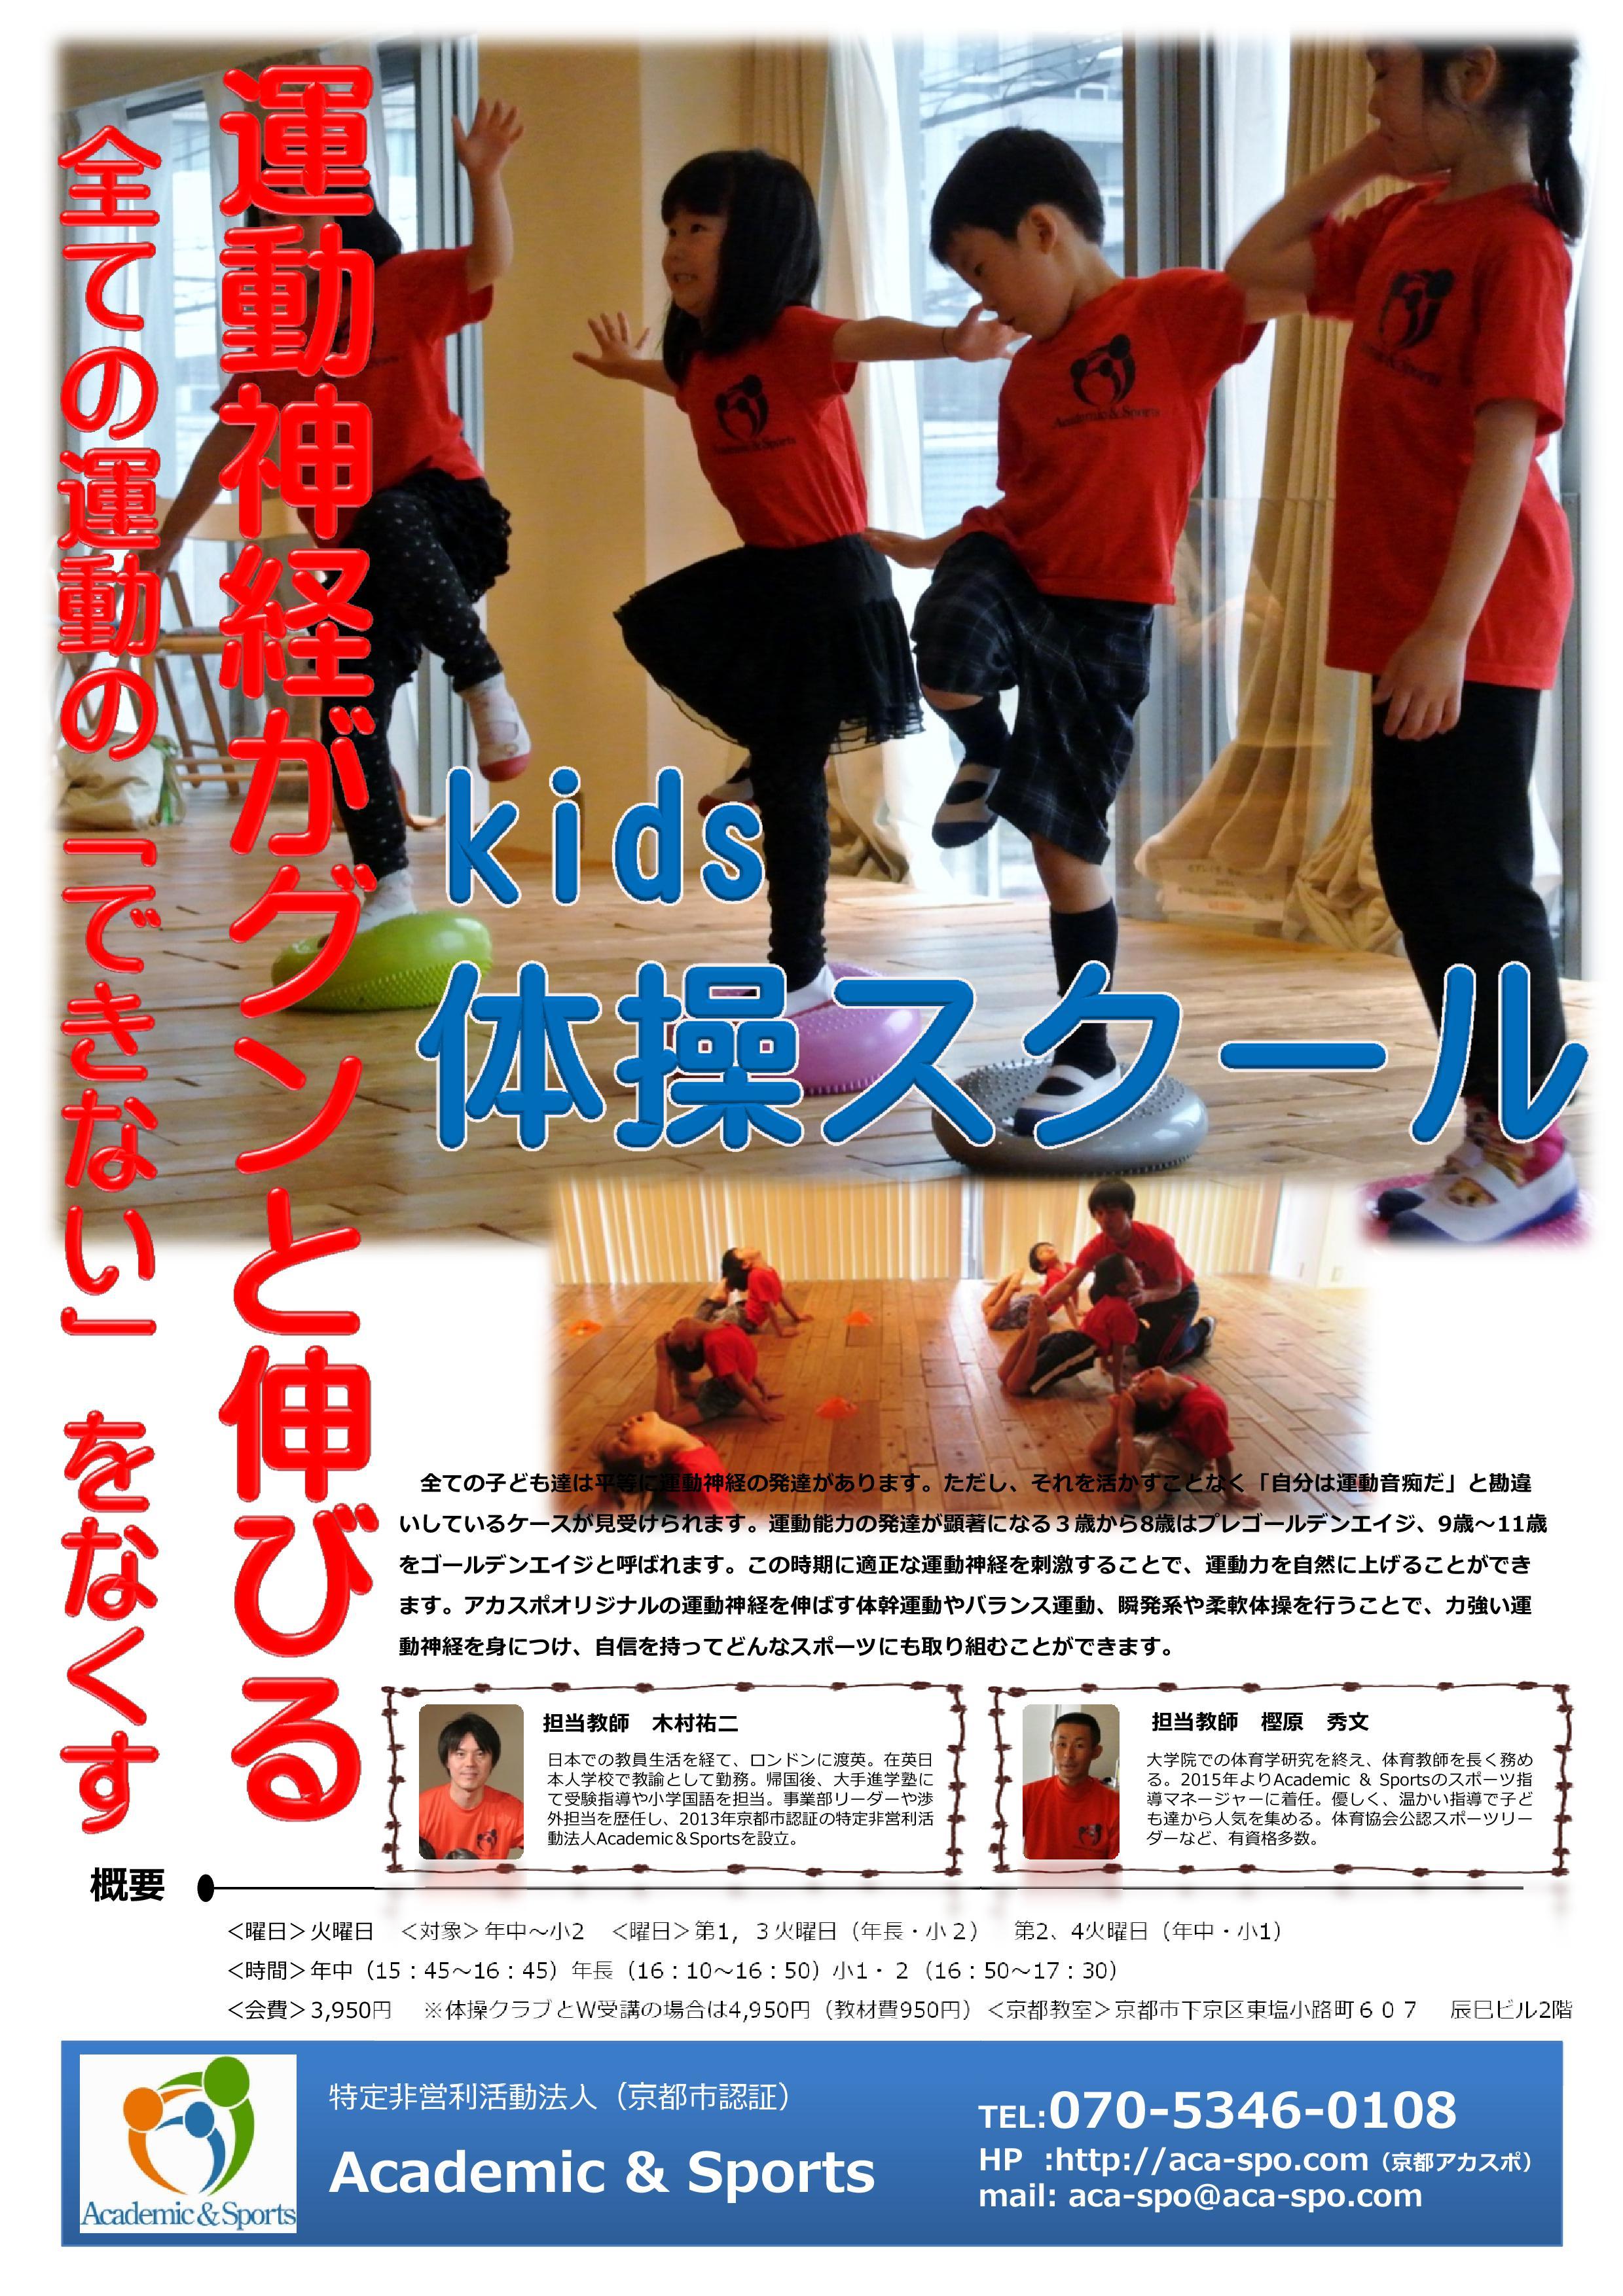 【京都教室】体操スクール 無料体験レッスン募集